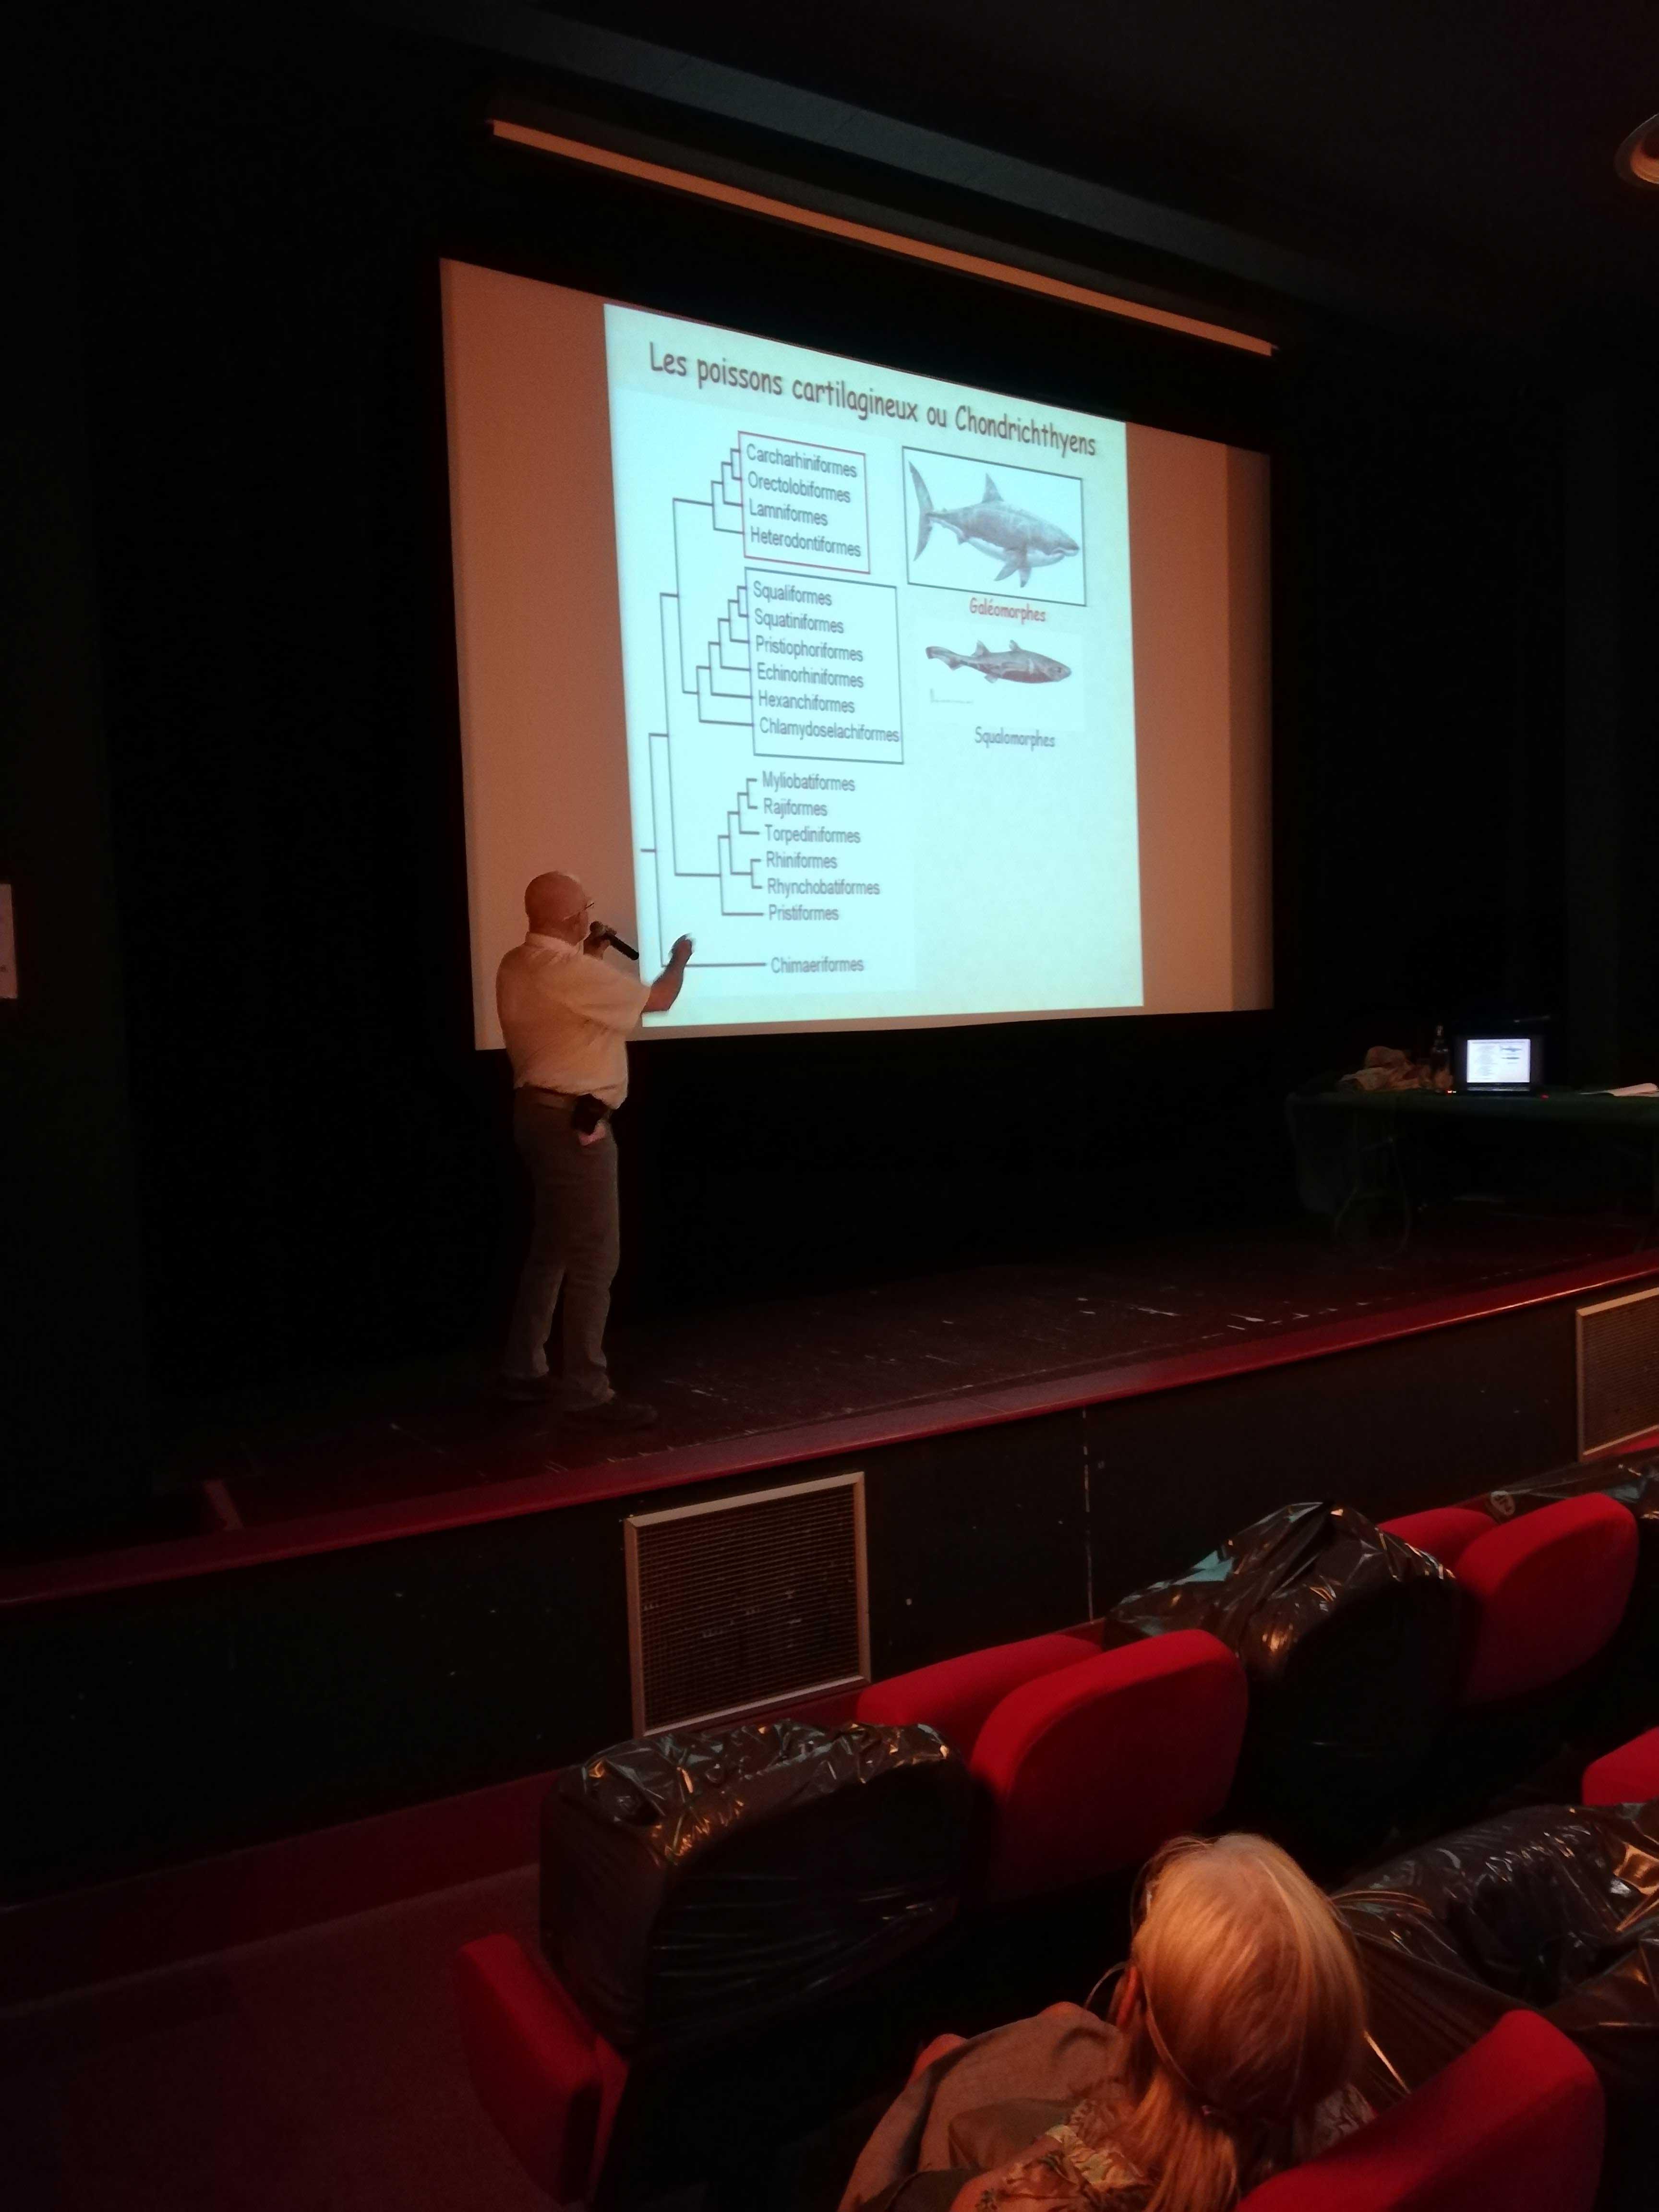 Conférence L'évolution incomprise des requins de Gilles Cuny